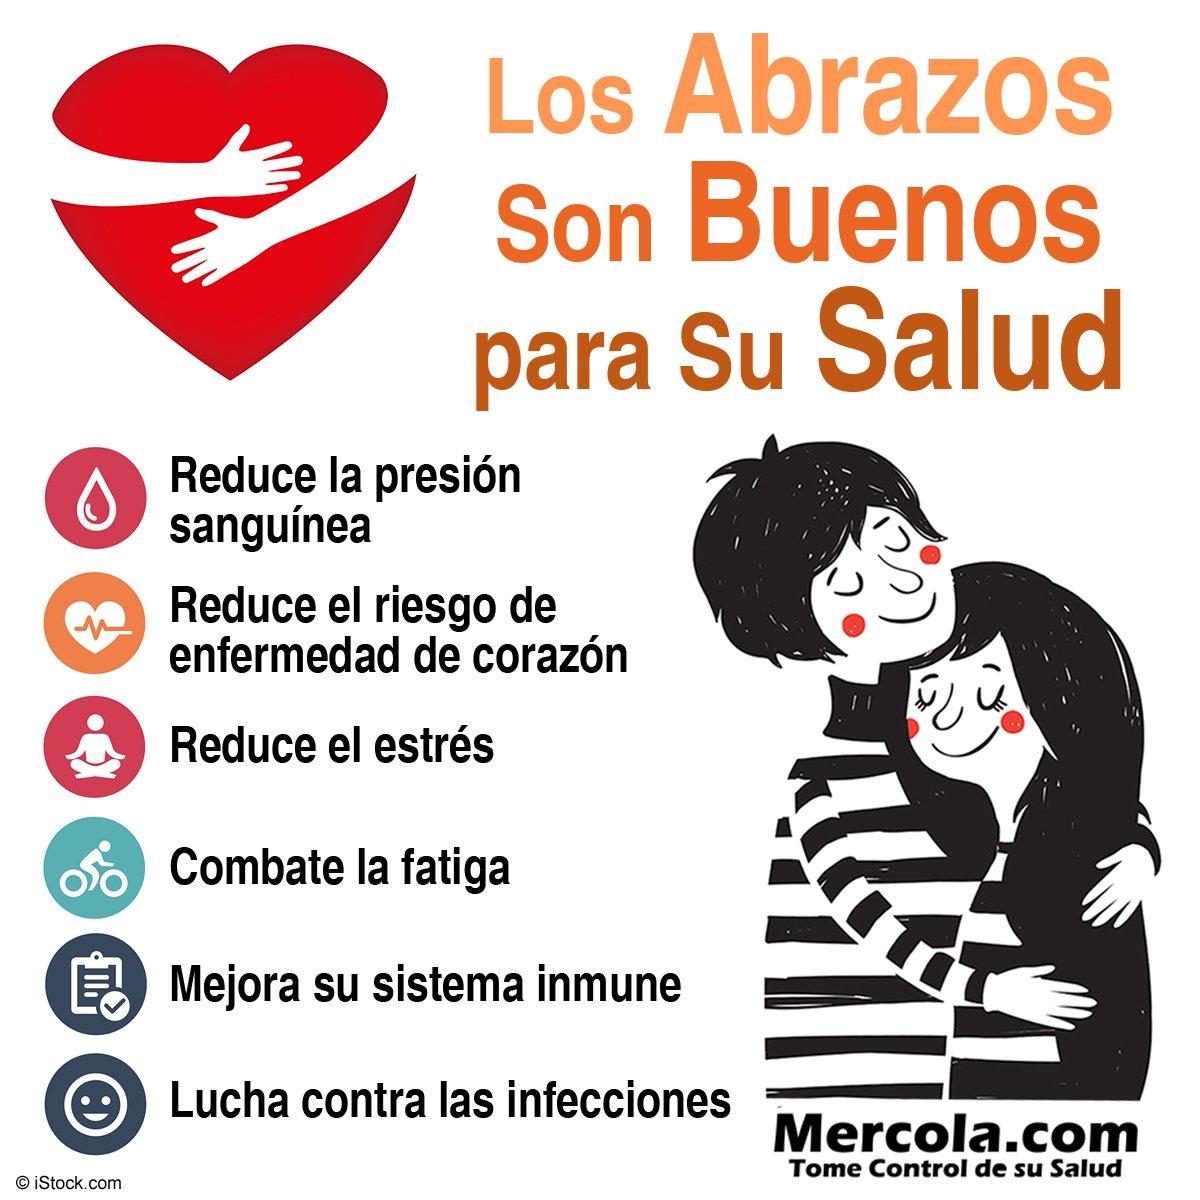 Los Abrazos Son Buenos para Su Salud: #s...